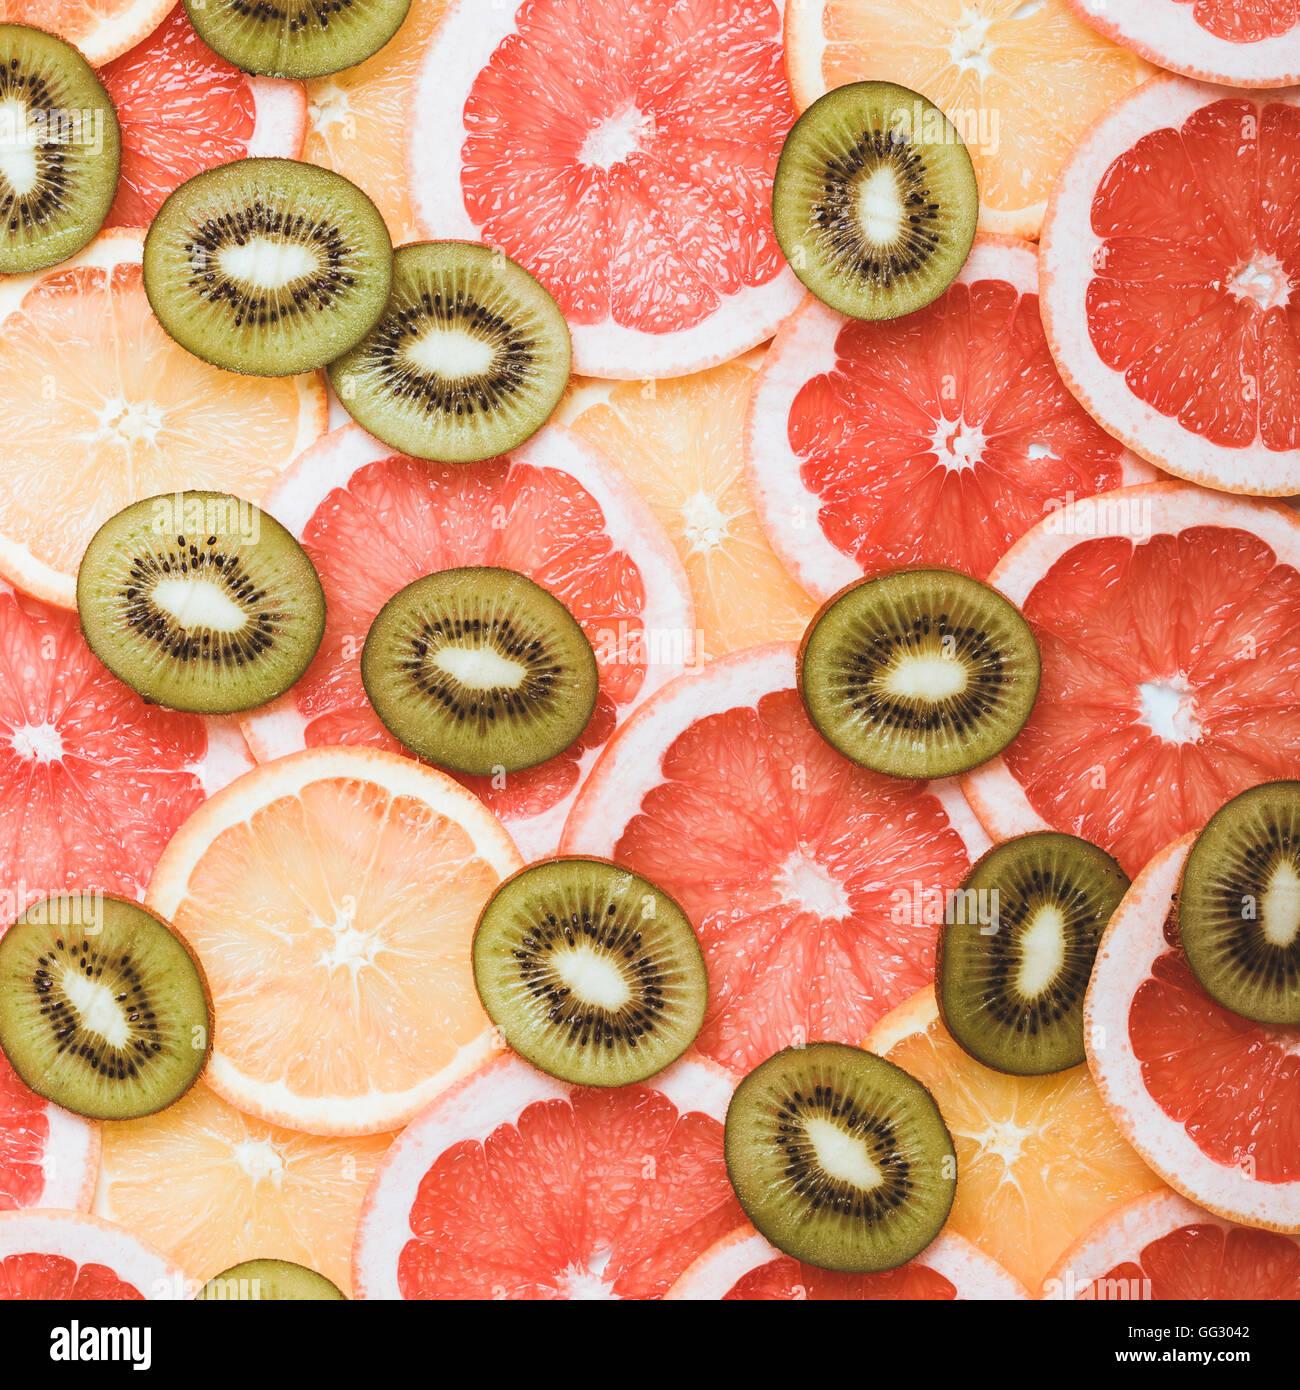 Los cítricos frescos antecedentes cortes vistos desde arriba. Pomelo, naranja, patrón de kiwi Imagen De Stock